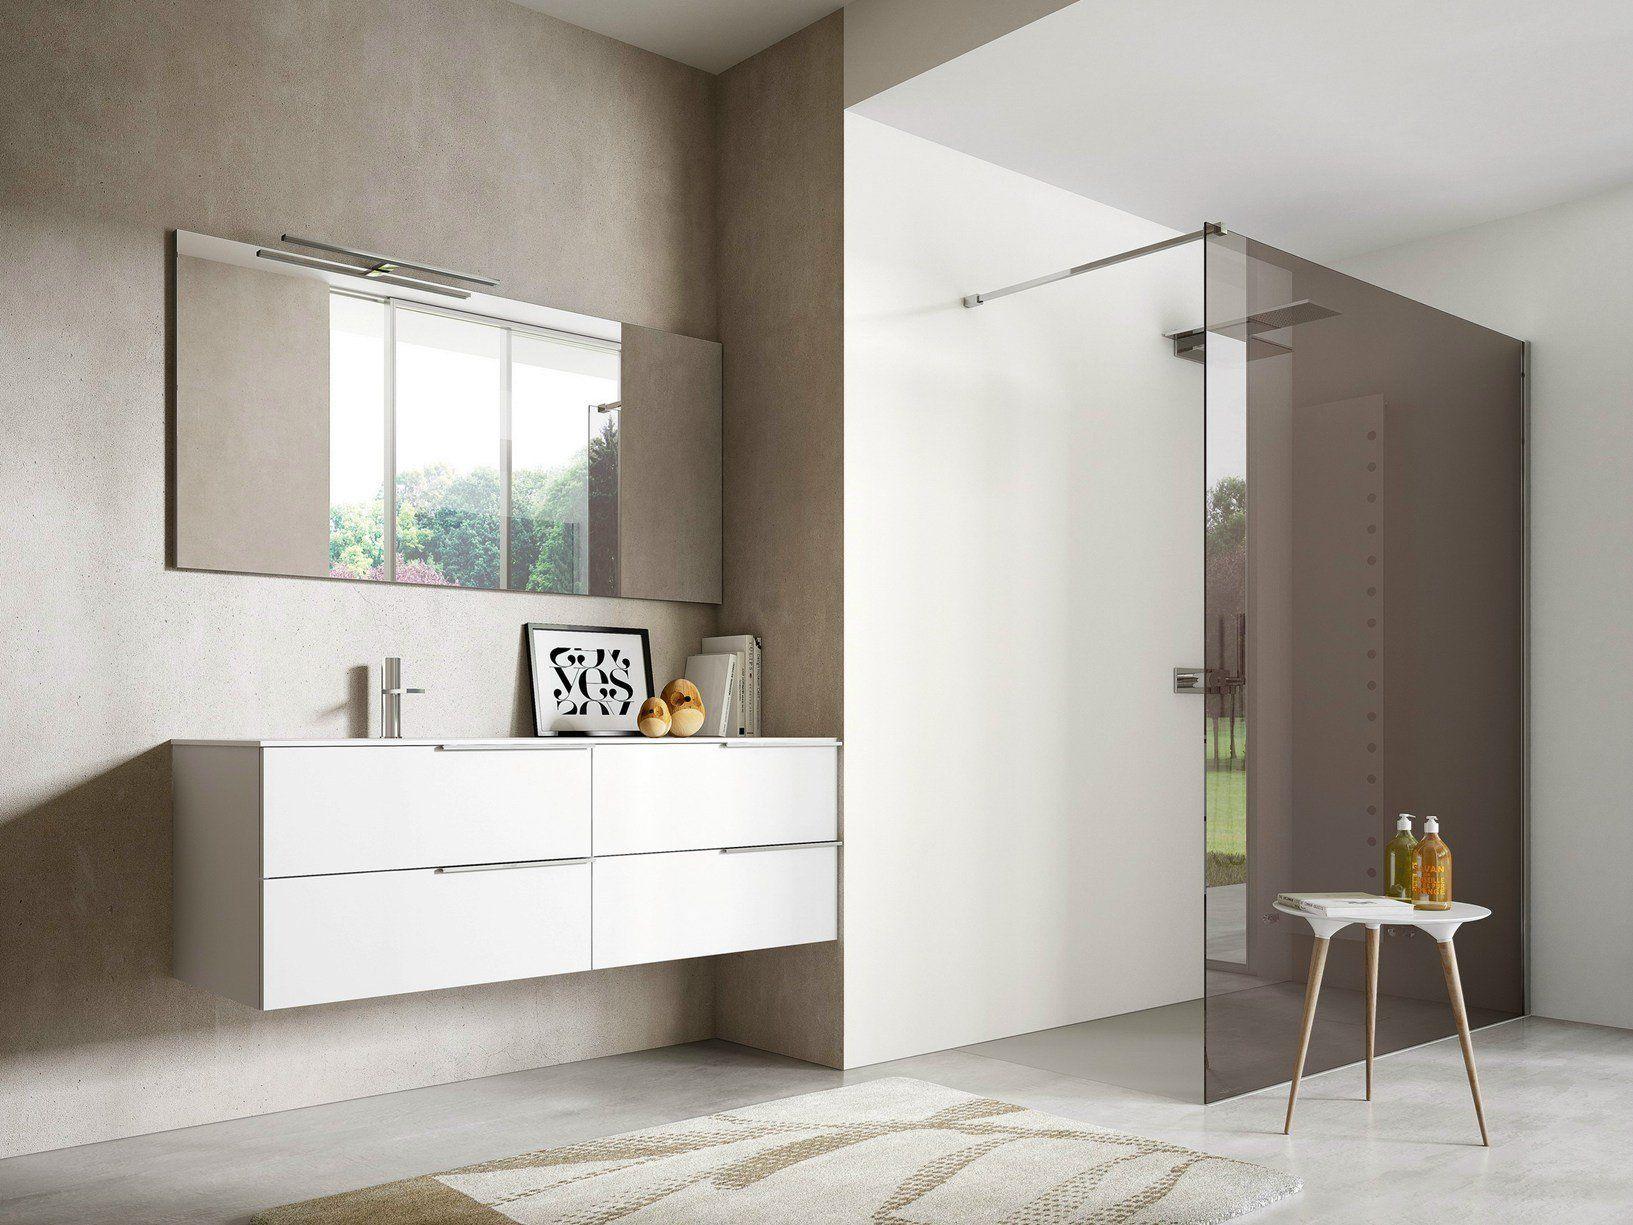 Ideagroup at salone internazionale del bagno - Fiera del bagno ...